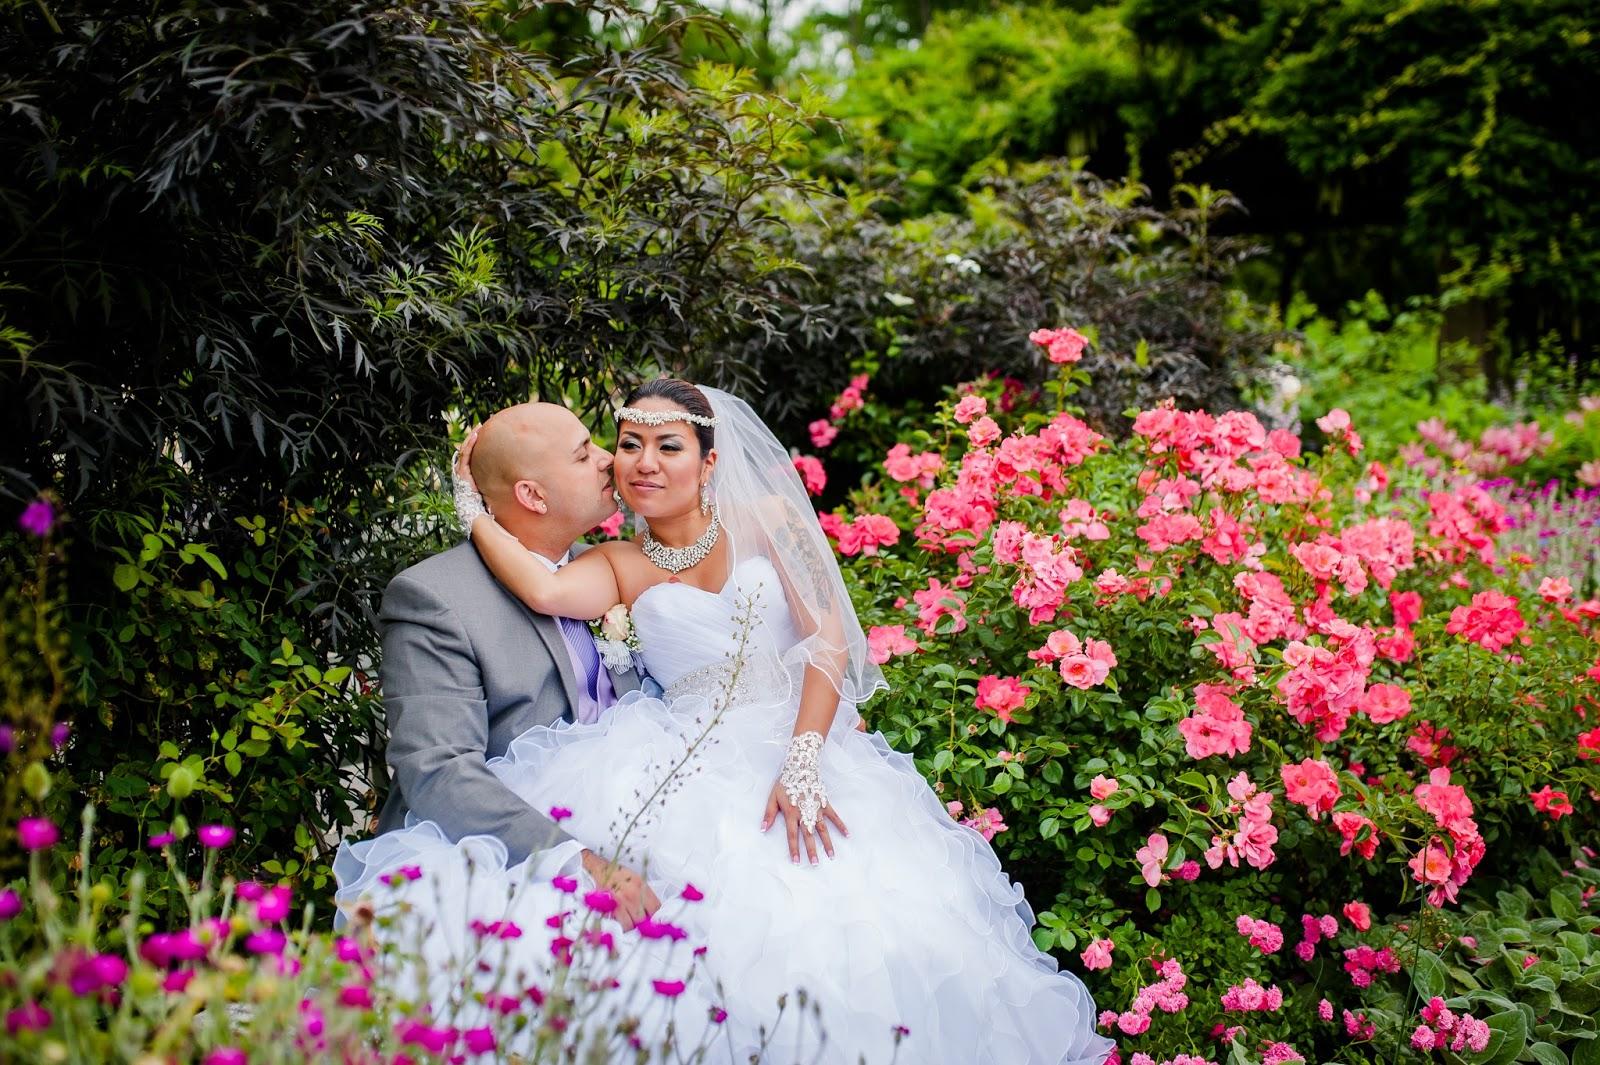 Affordable Brooklyn Bridge Wedding Photography